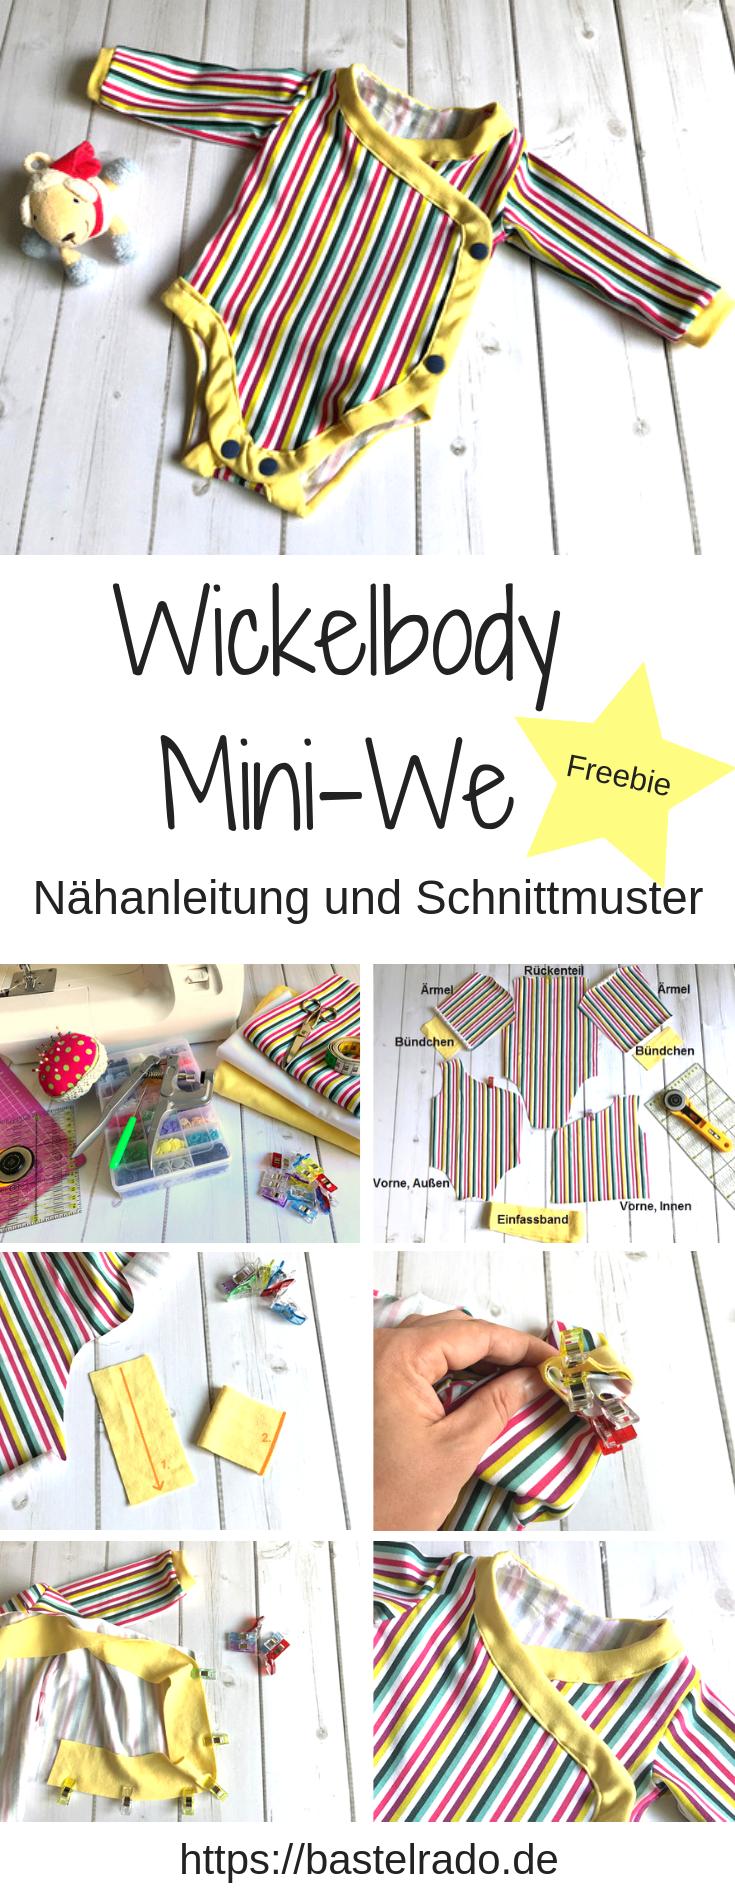 Wickelbody Mini-We - Nähanleitung und Schnittmuster #wickelkleidmuster